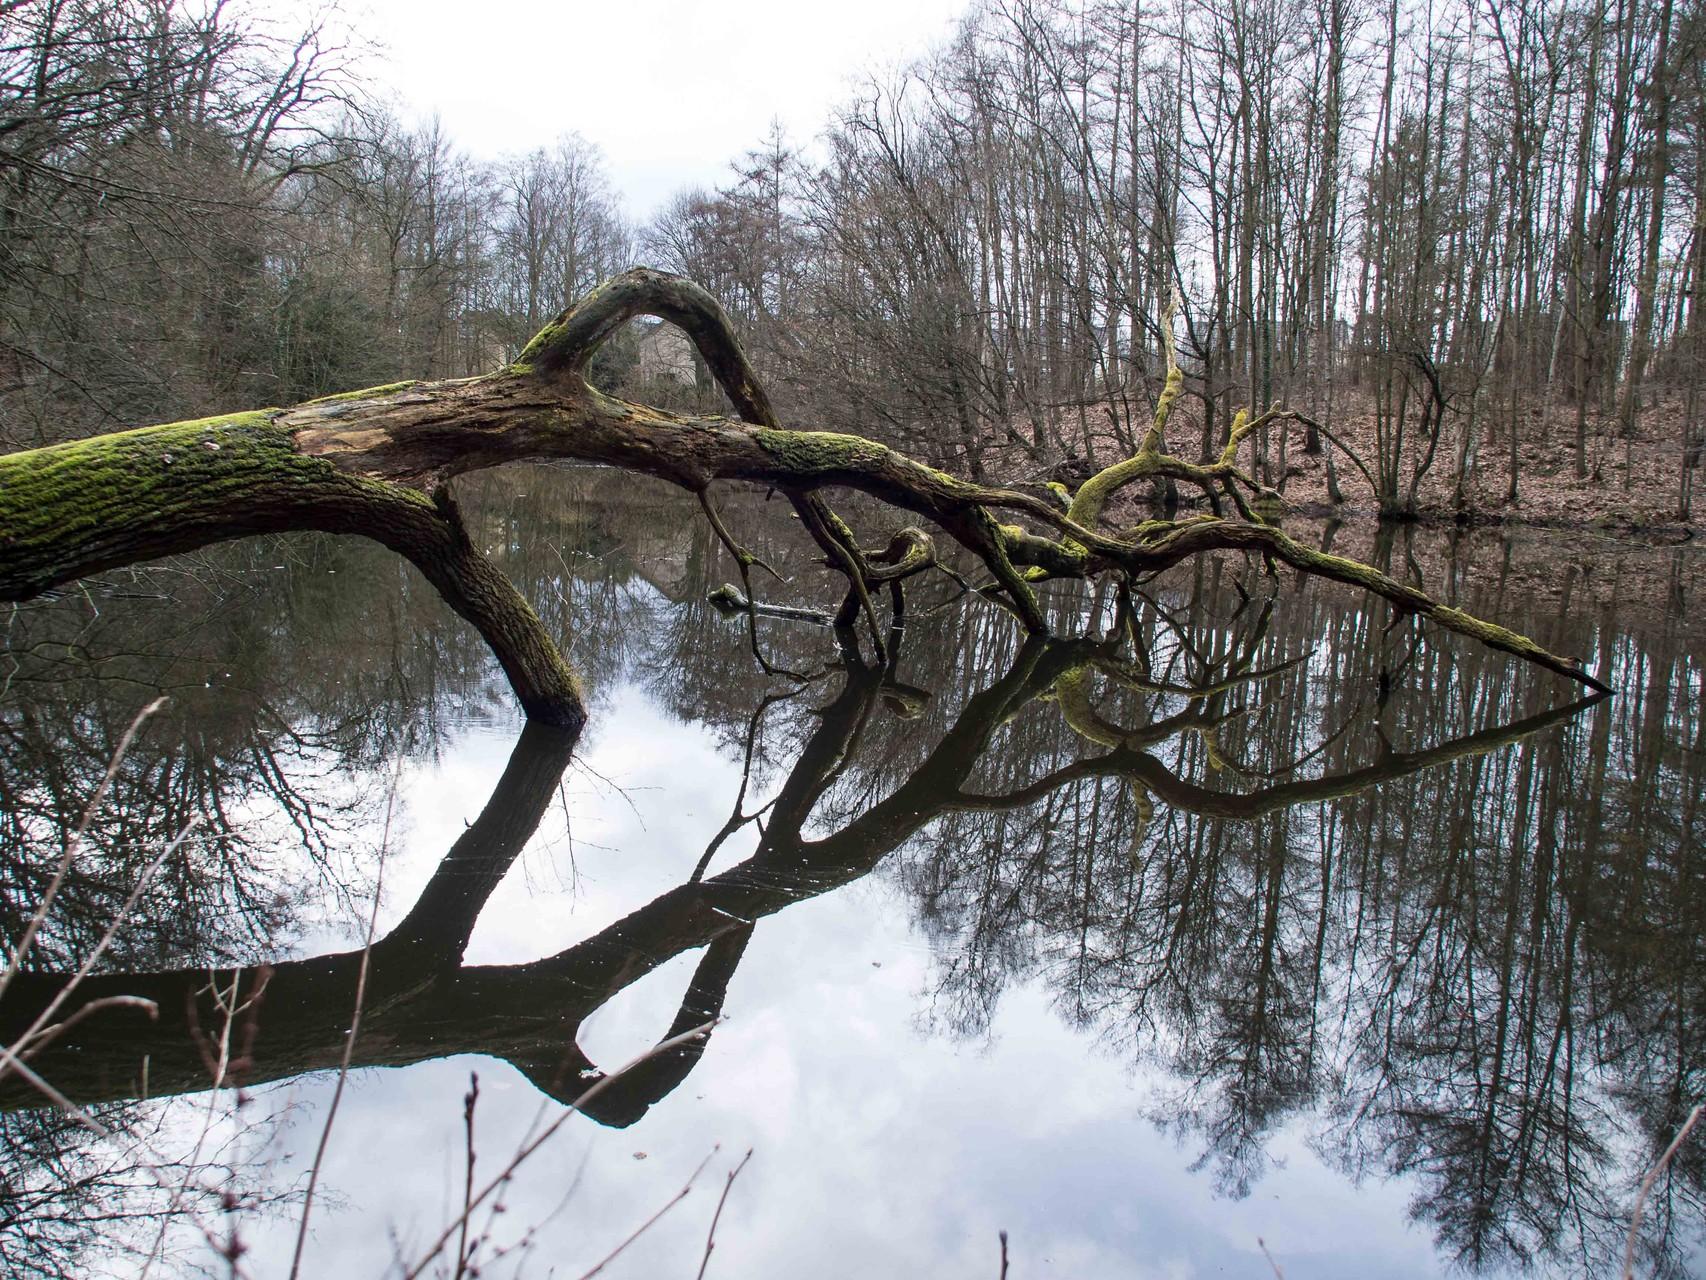 Bild: Spiegelung der Bäume im Wasser